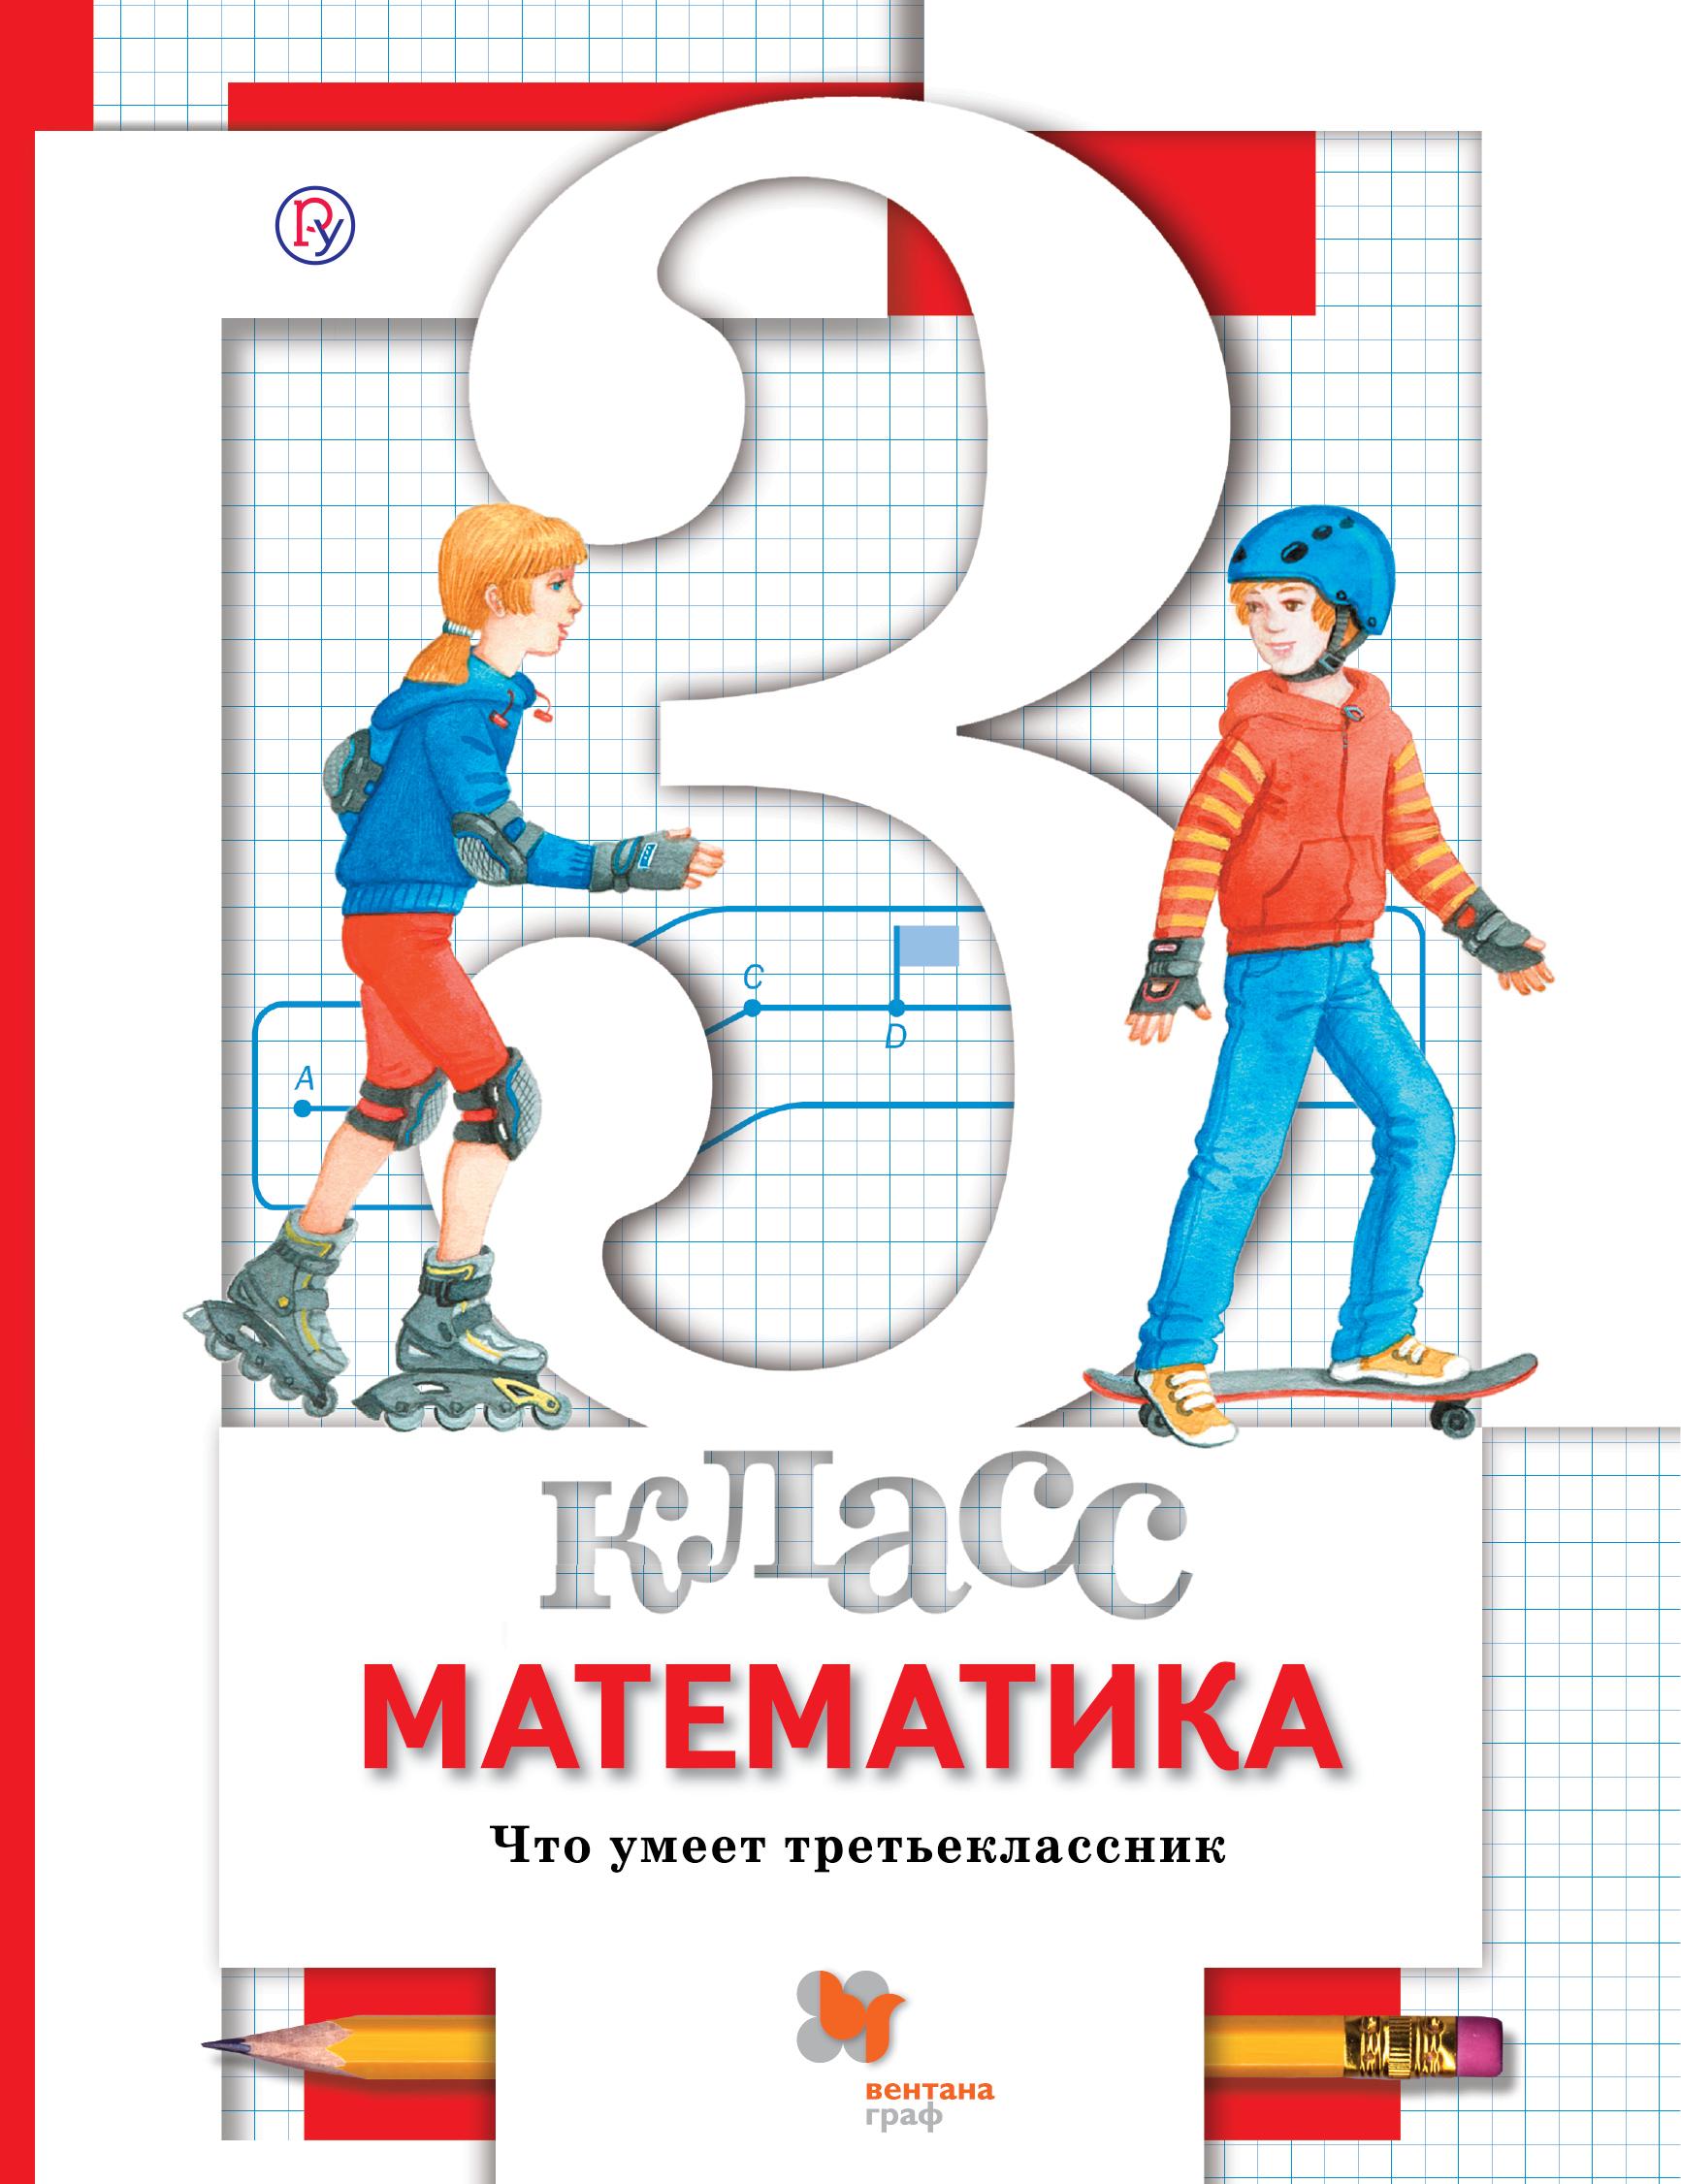 Математика. Что умеет третьеклассник. 3кл. Дидактические материалы. Изд.1